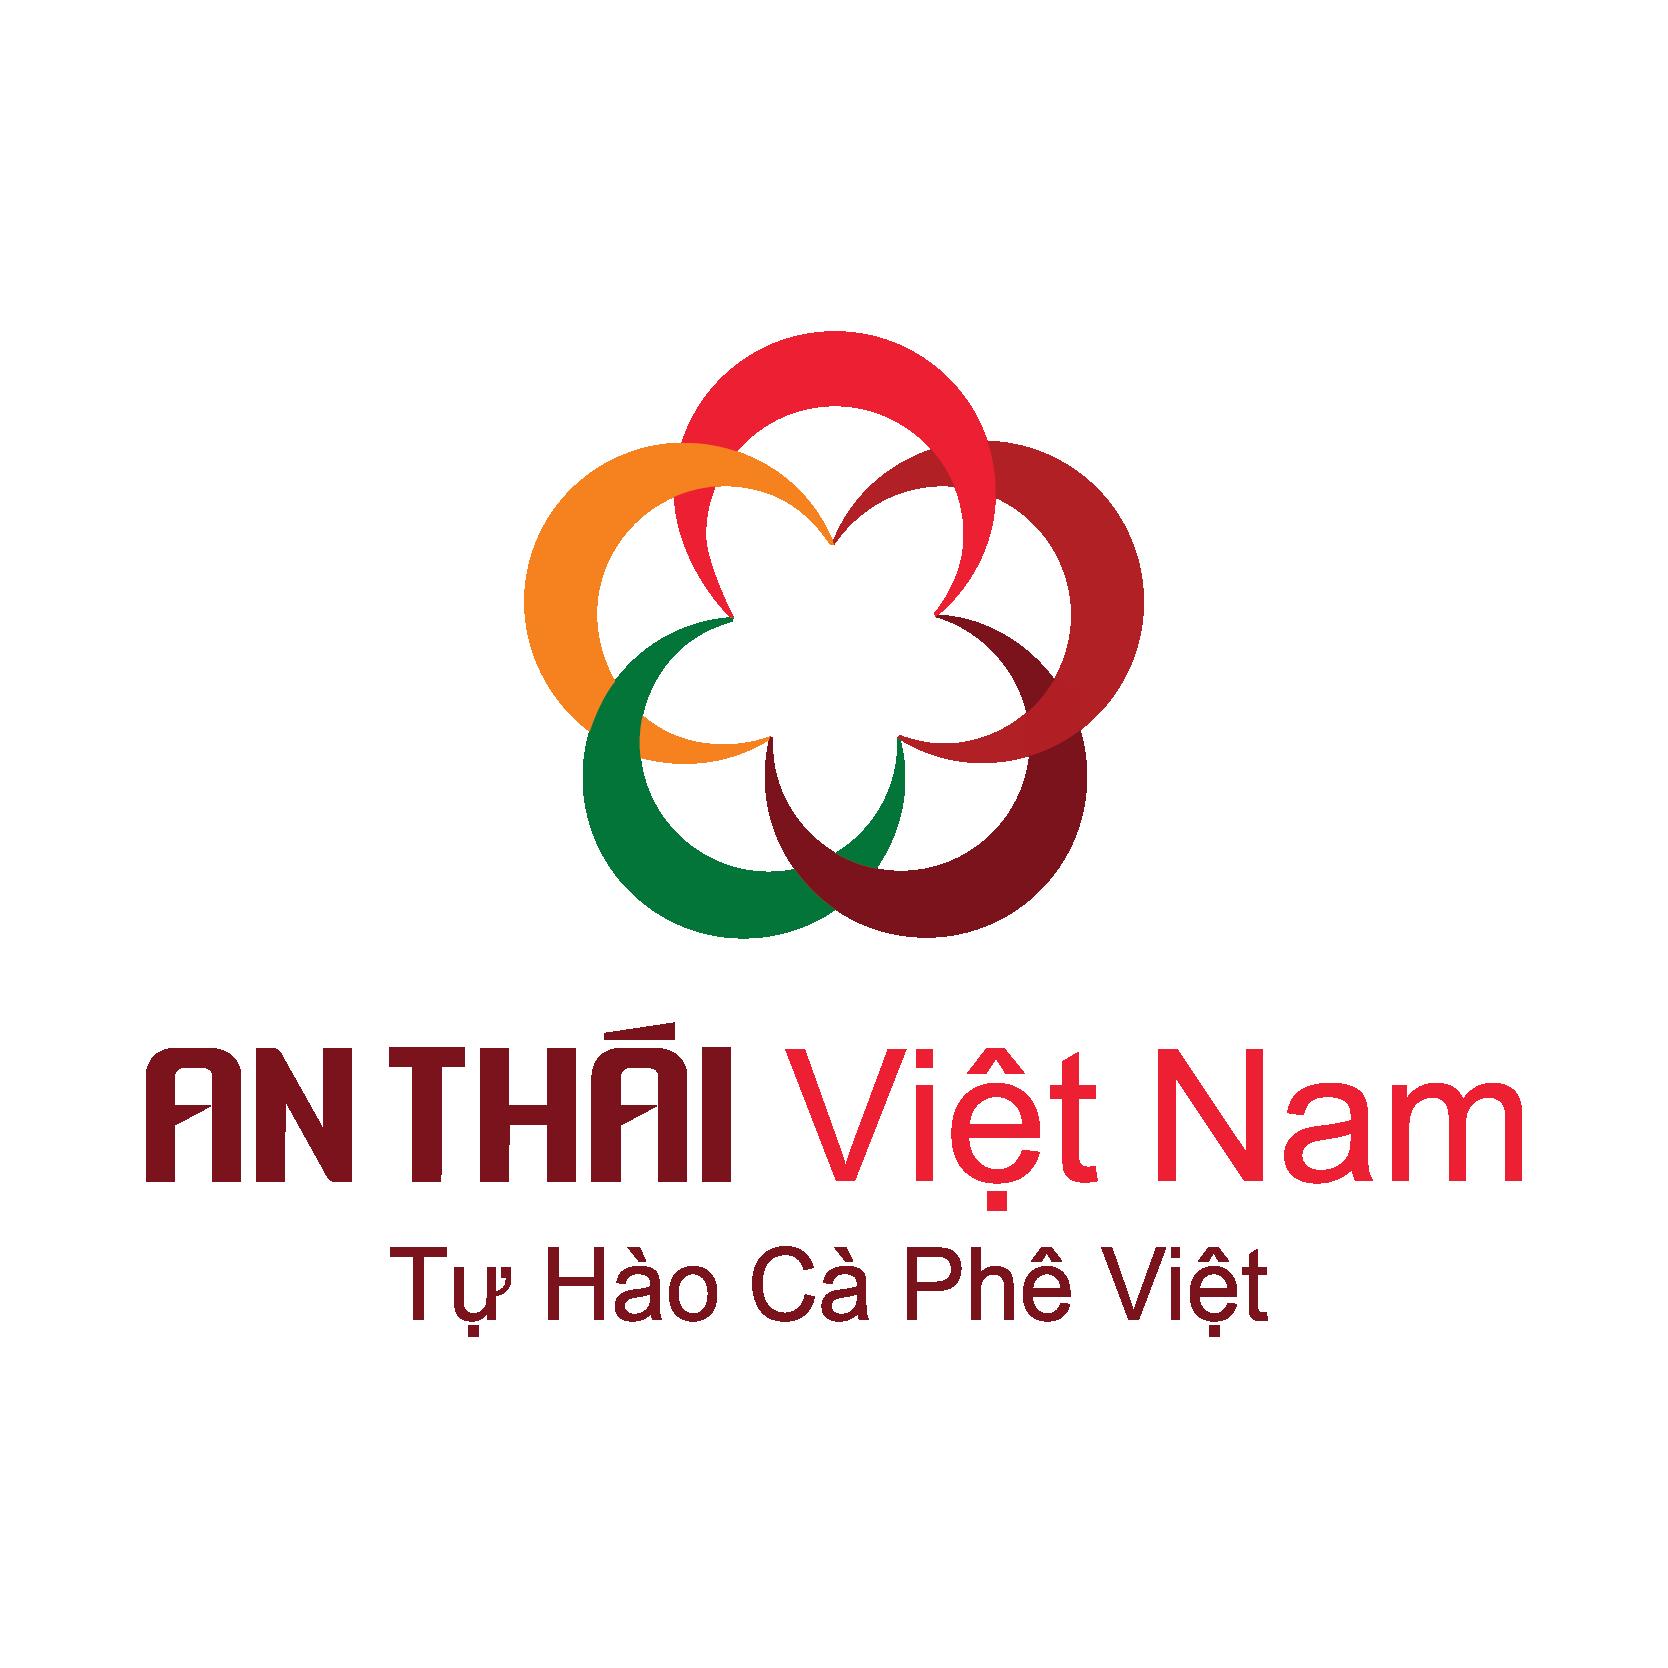 Thương hiệu AnThai Việt Nam